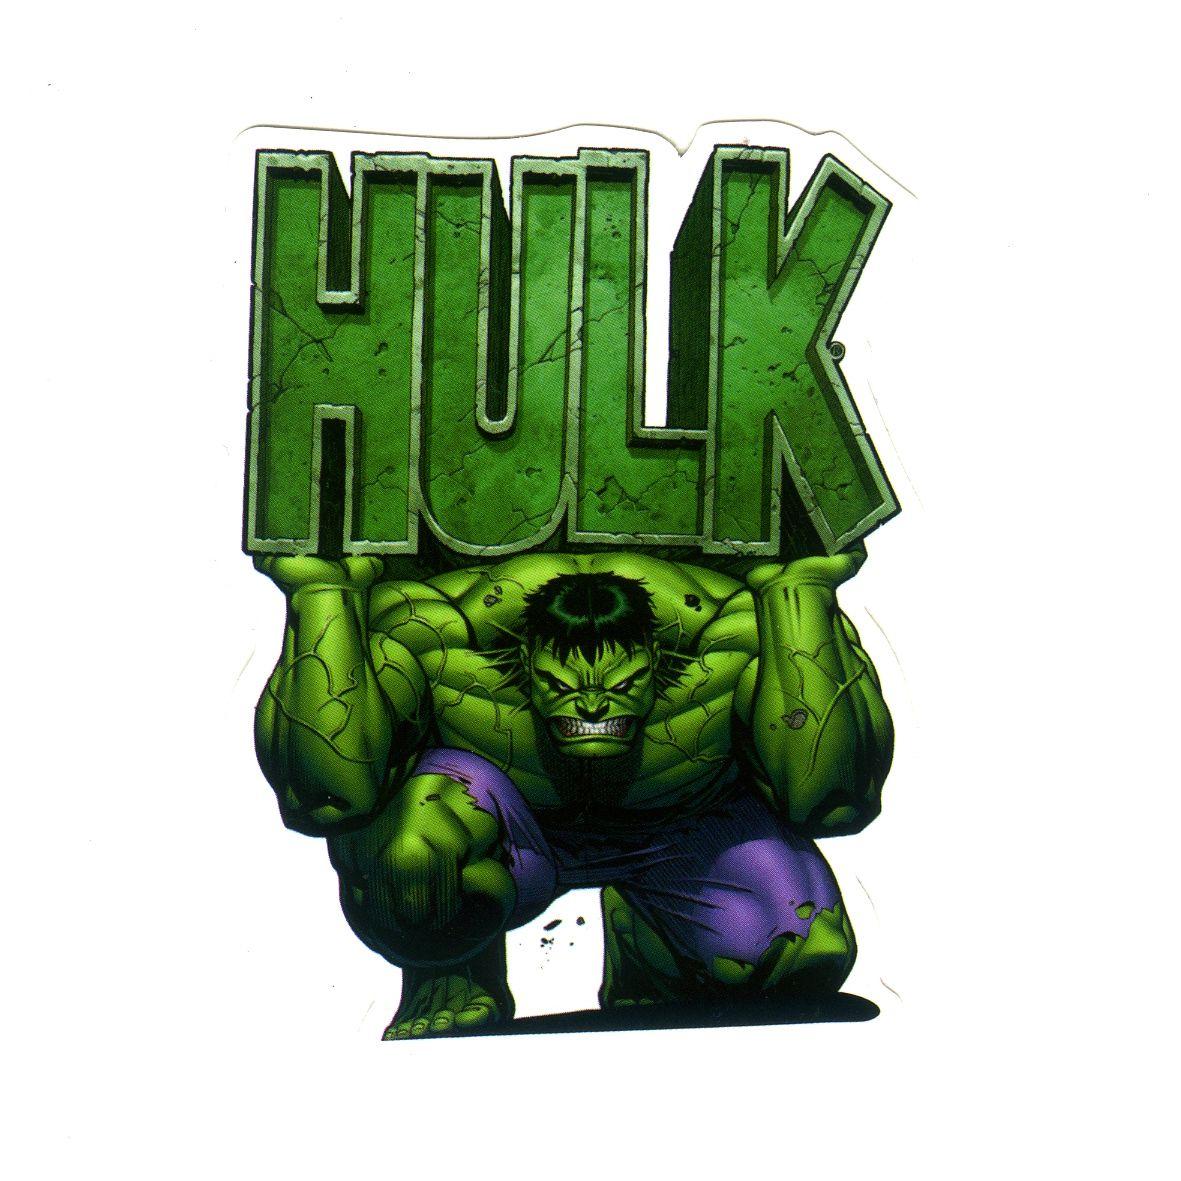 1280 The Hulk Clip Art , Height 8 cm, decal sticker | Clip art